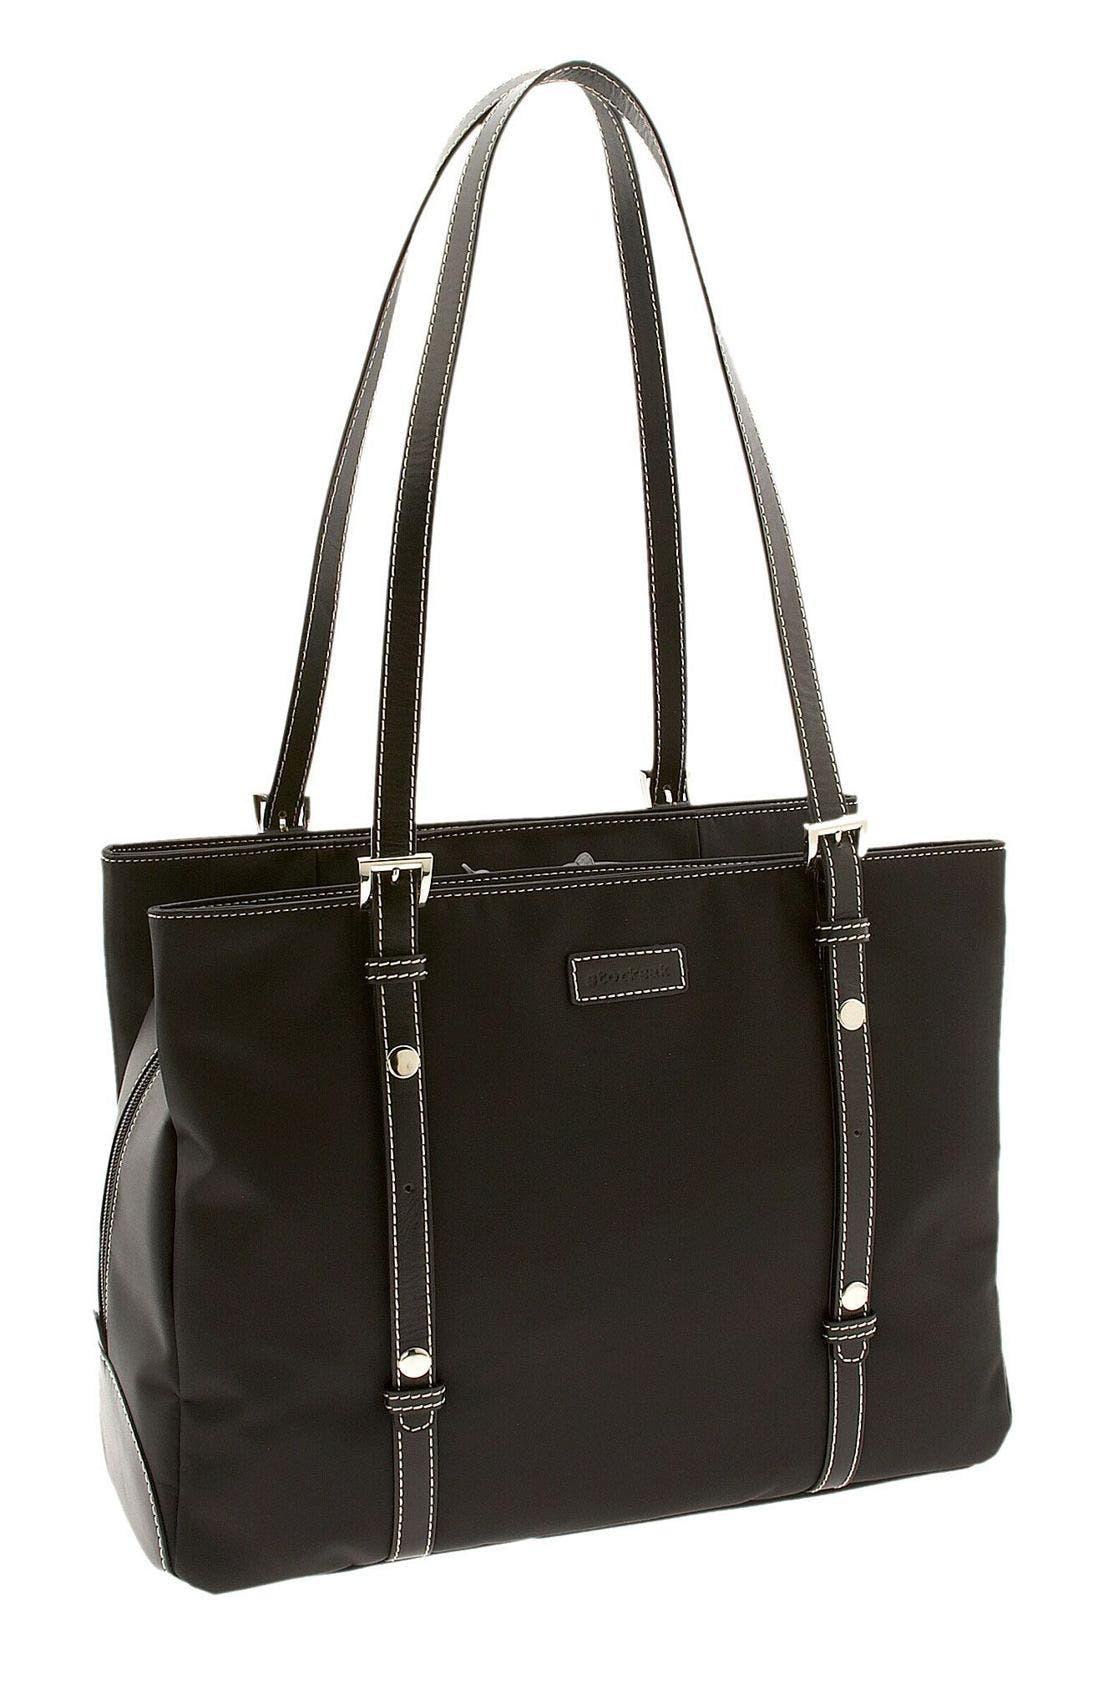 Alternate Image 1 Selected - Storksak 'Gigi' Diaper Bag